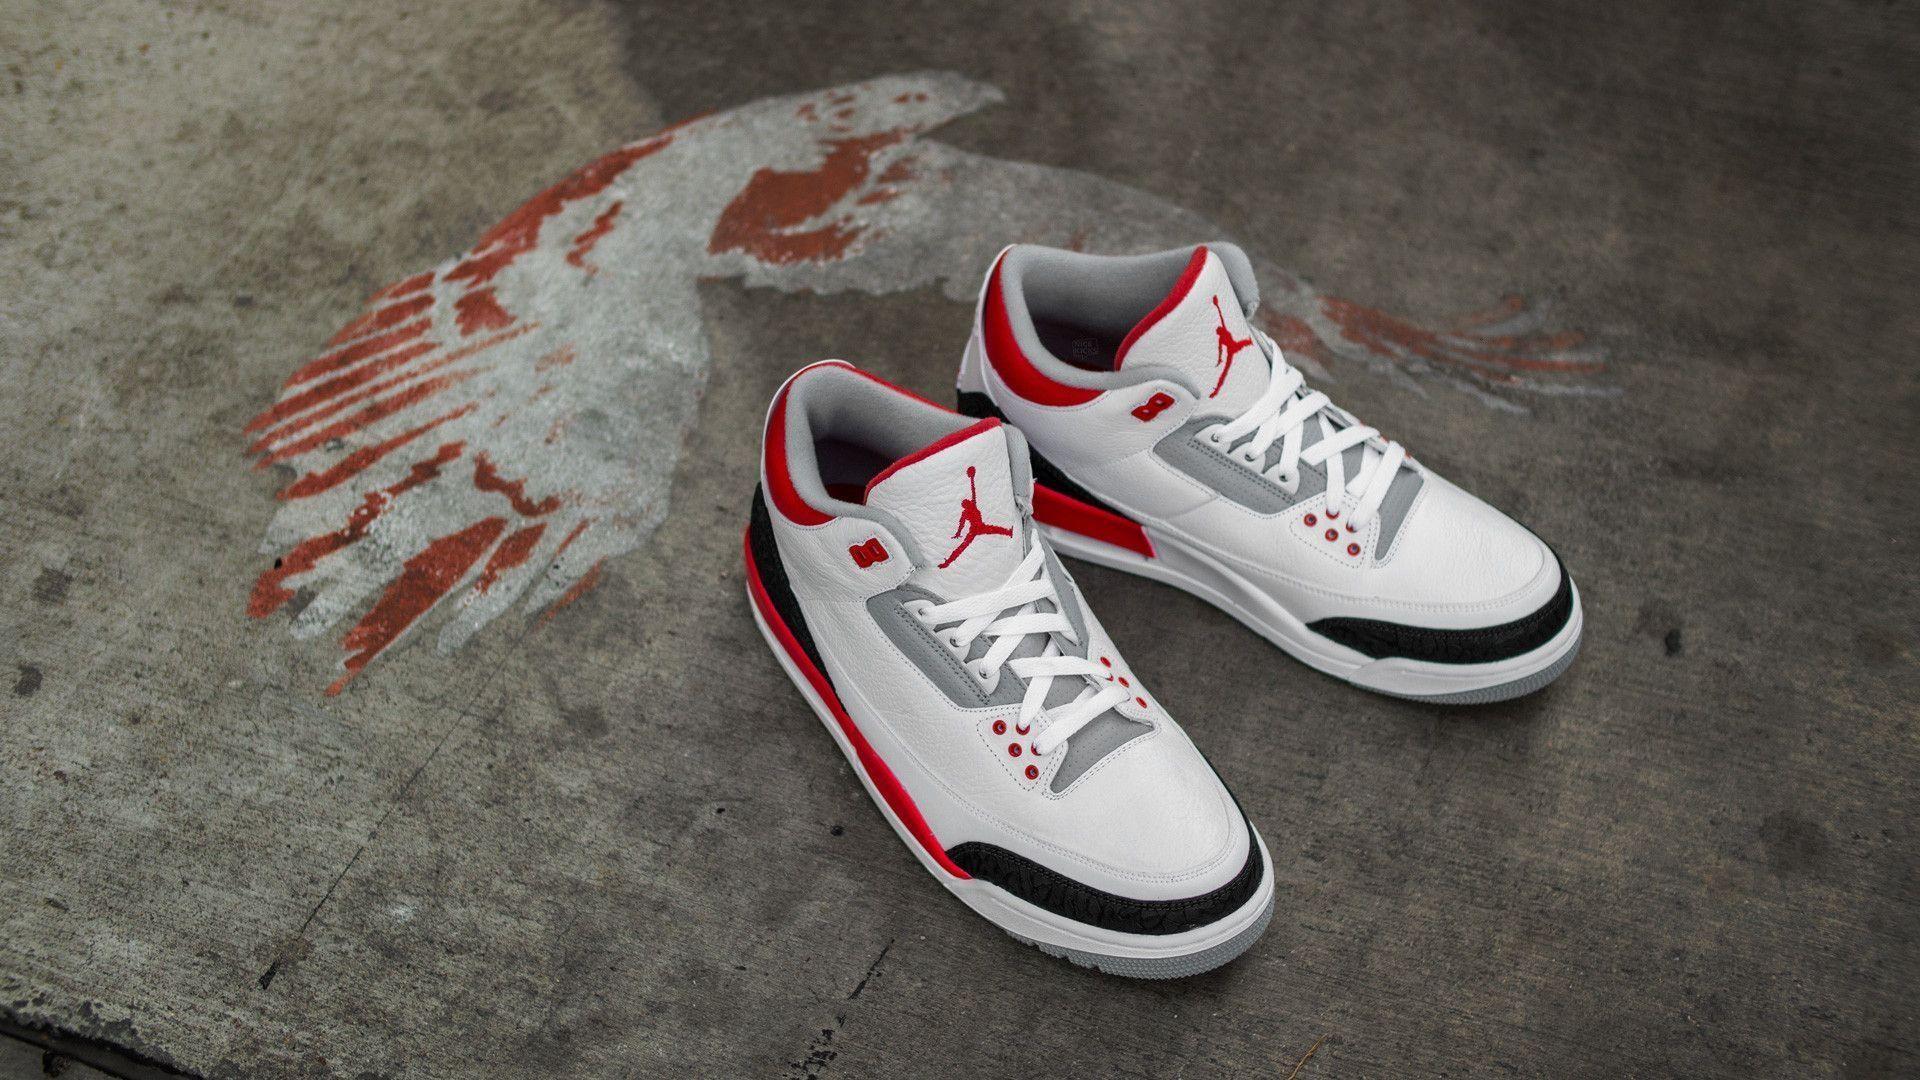 Res: 1920x1080, Air Jordan Red Wallpaper Enchanting Air Jordan Retro Wallpaper 2560x1600PX  ~ Jordan Shoes .